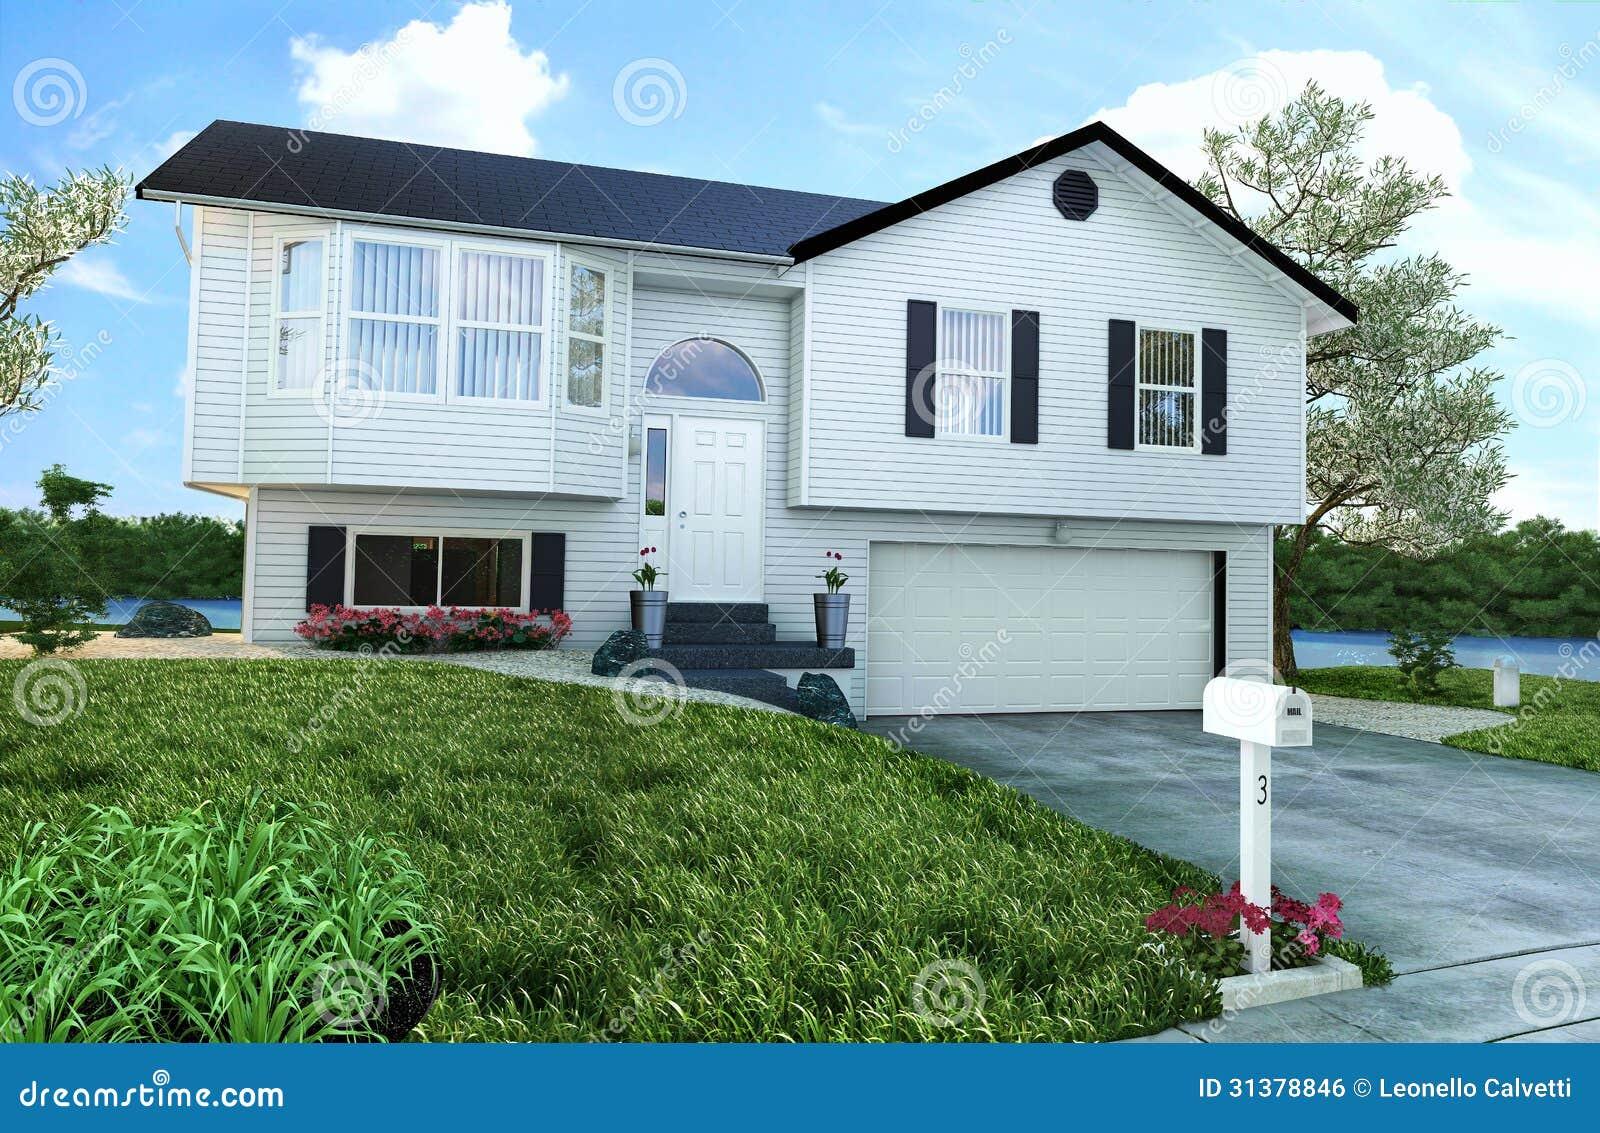 Casette da giardino modernecasa prefabbricata ikea la for Design della casa bungalow